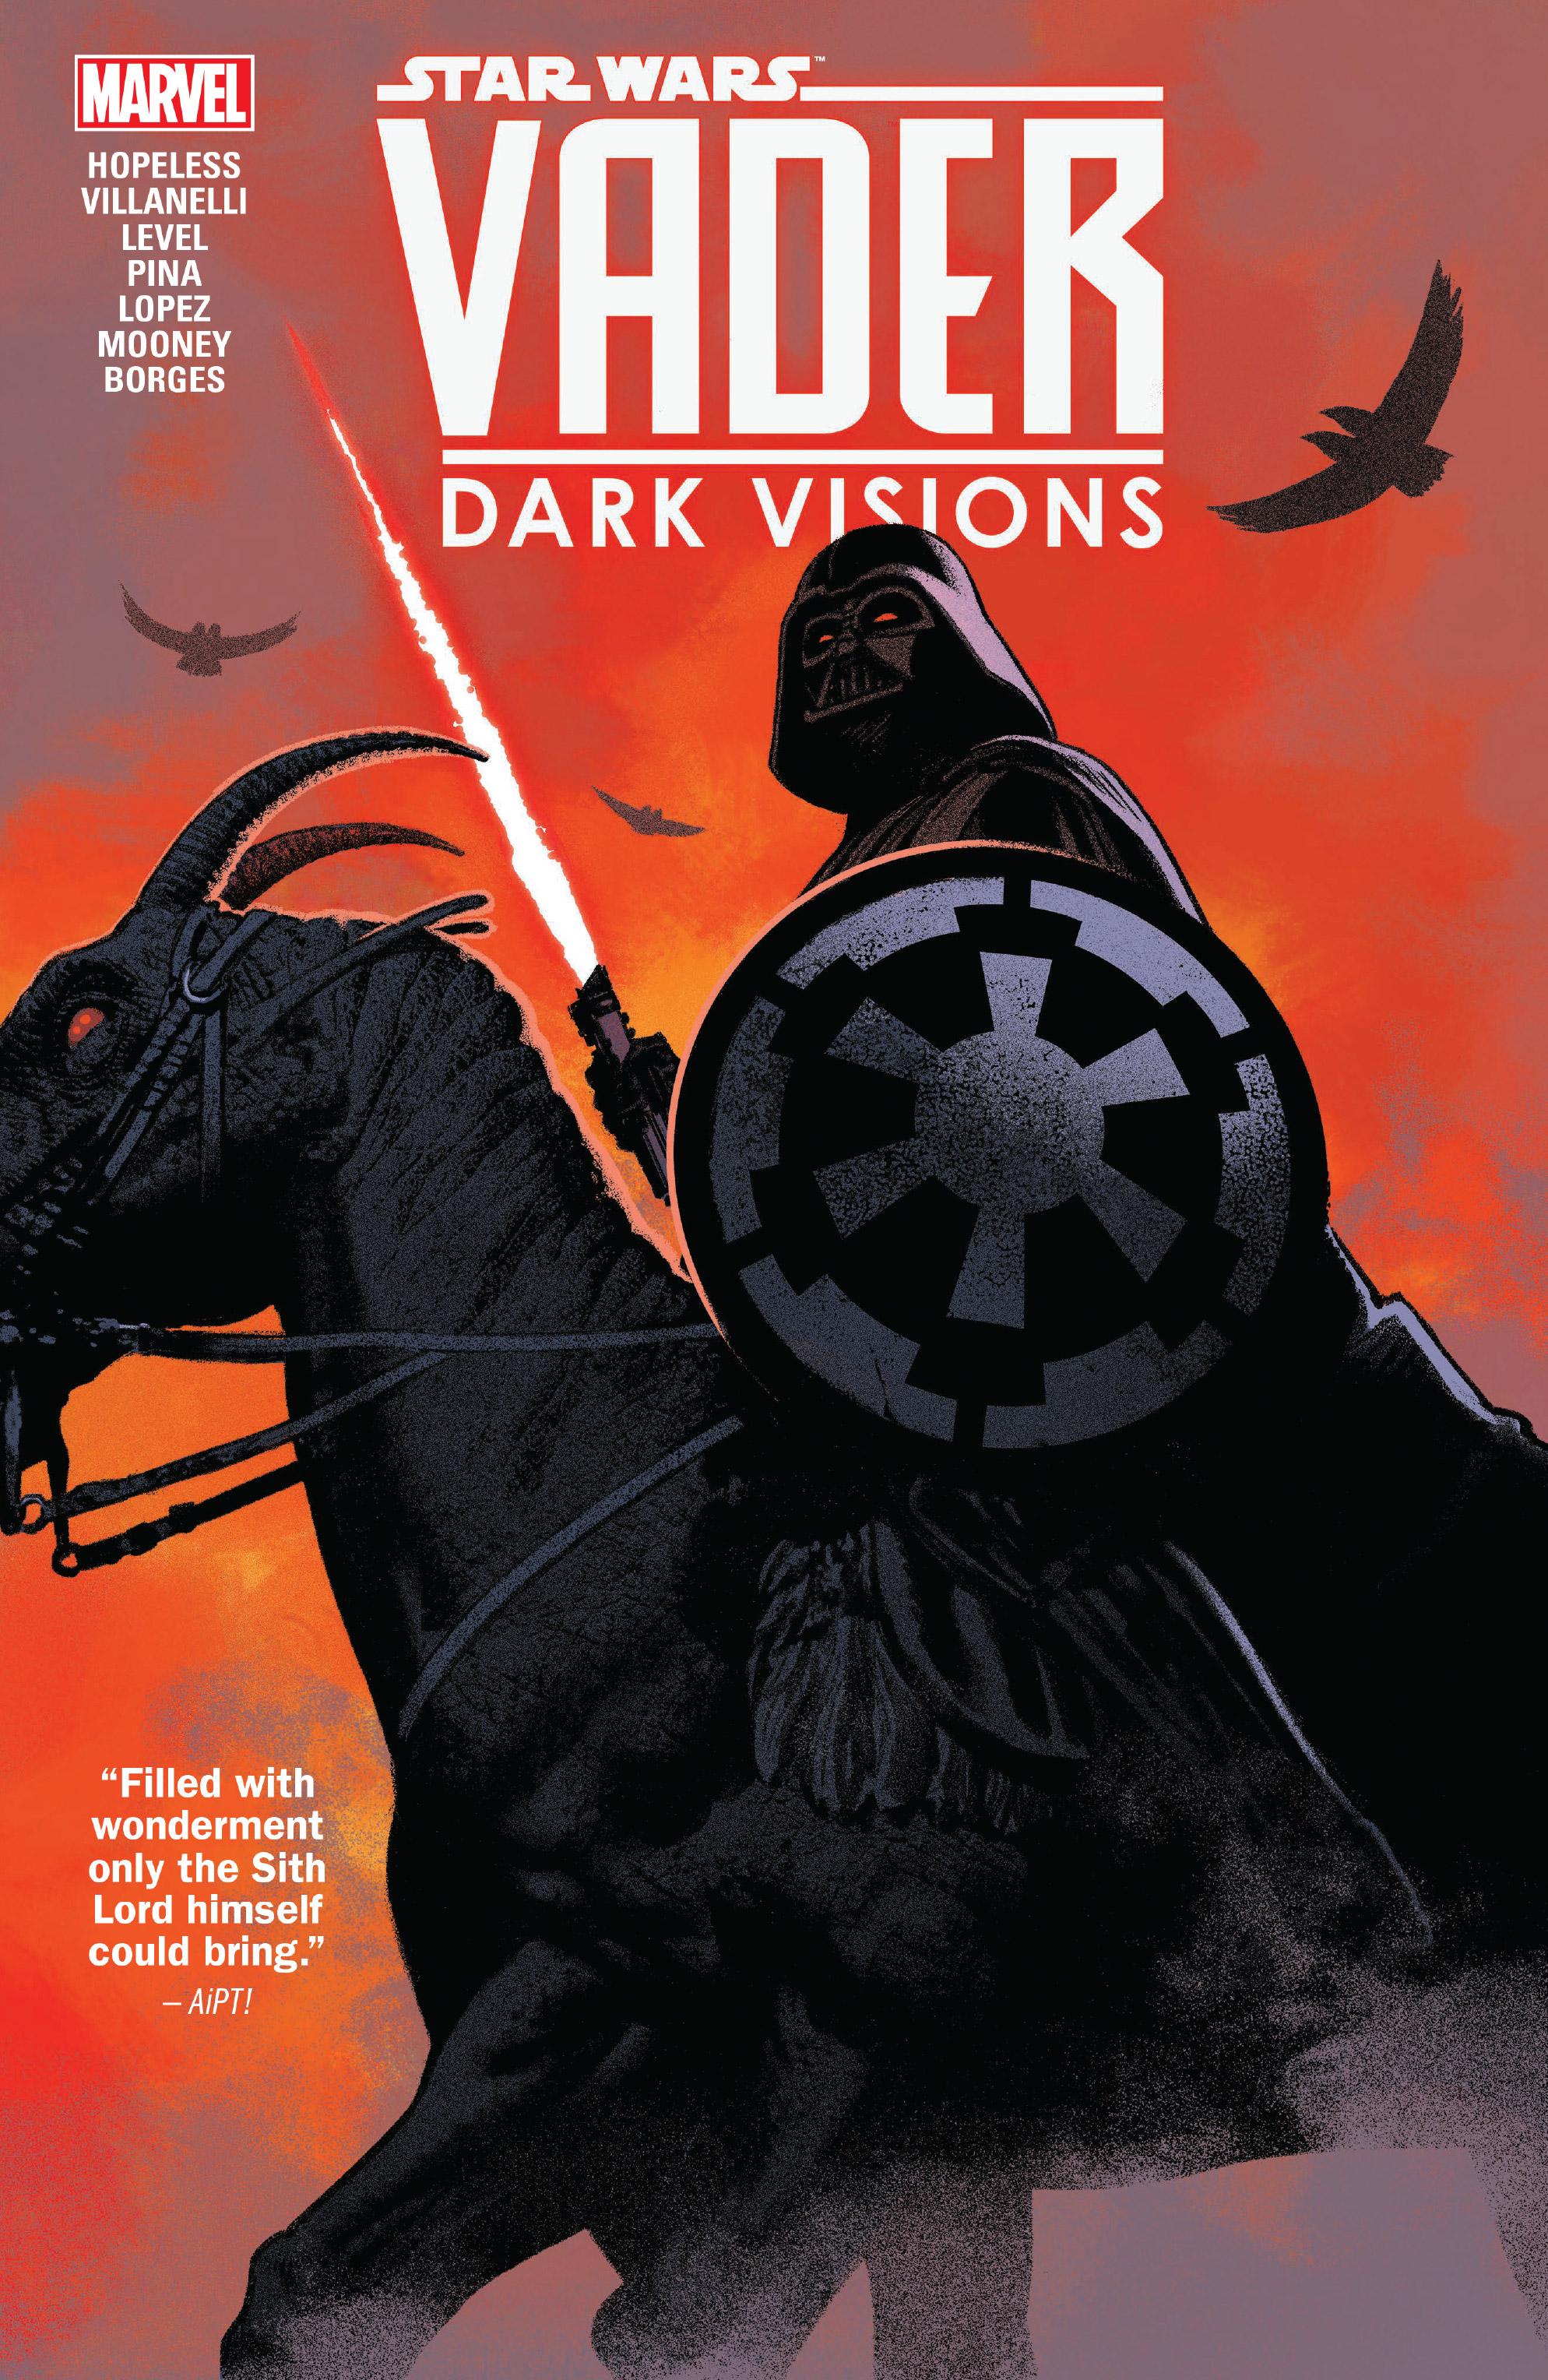 Vader: Dark Visions (27.08.2019)